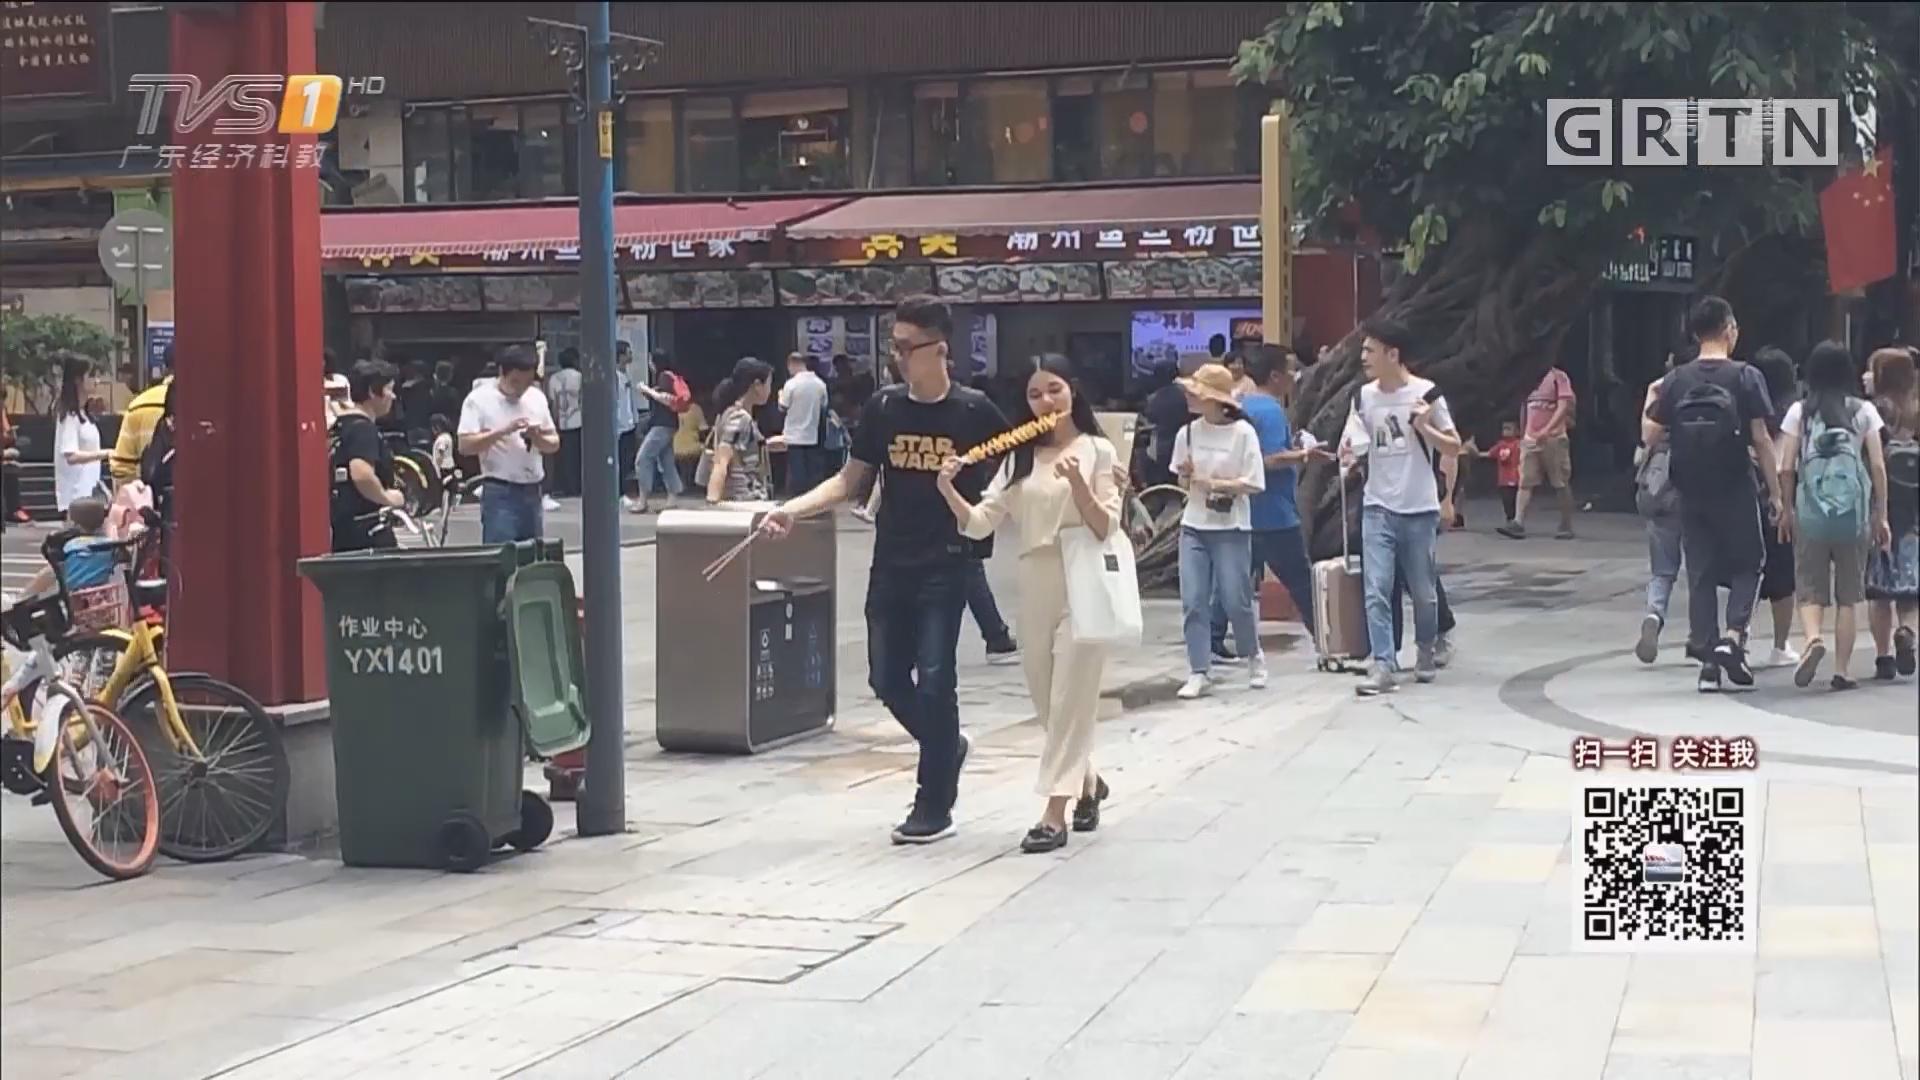 五一出行:记者巡城 曝光不文明出游行为